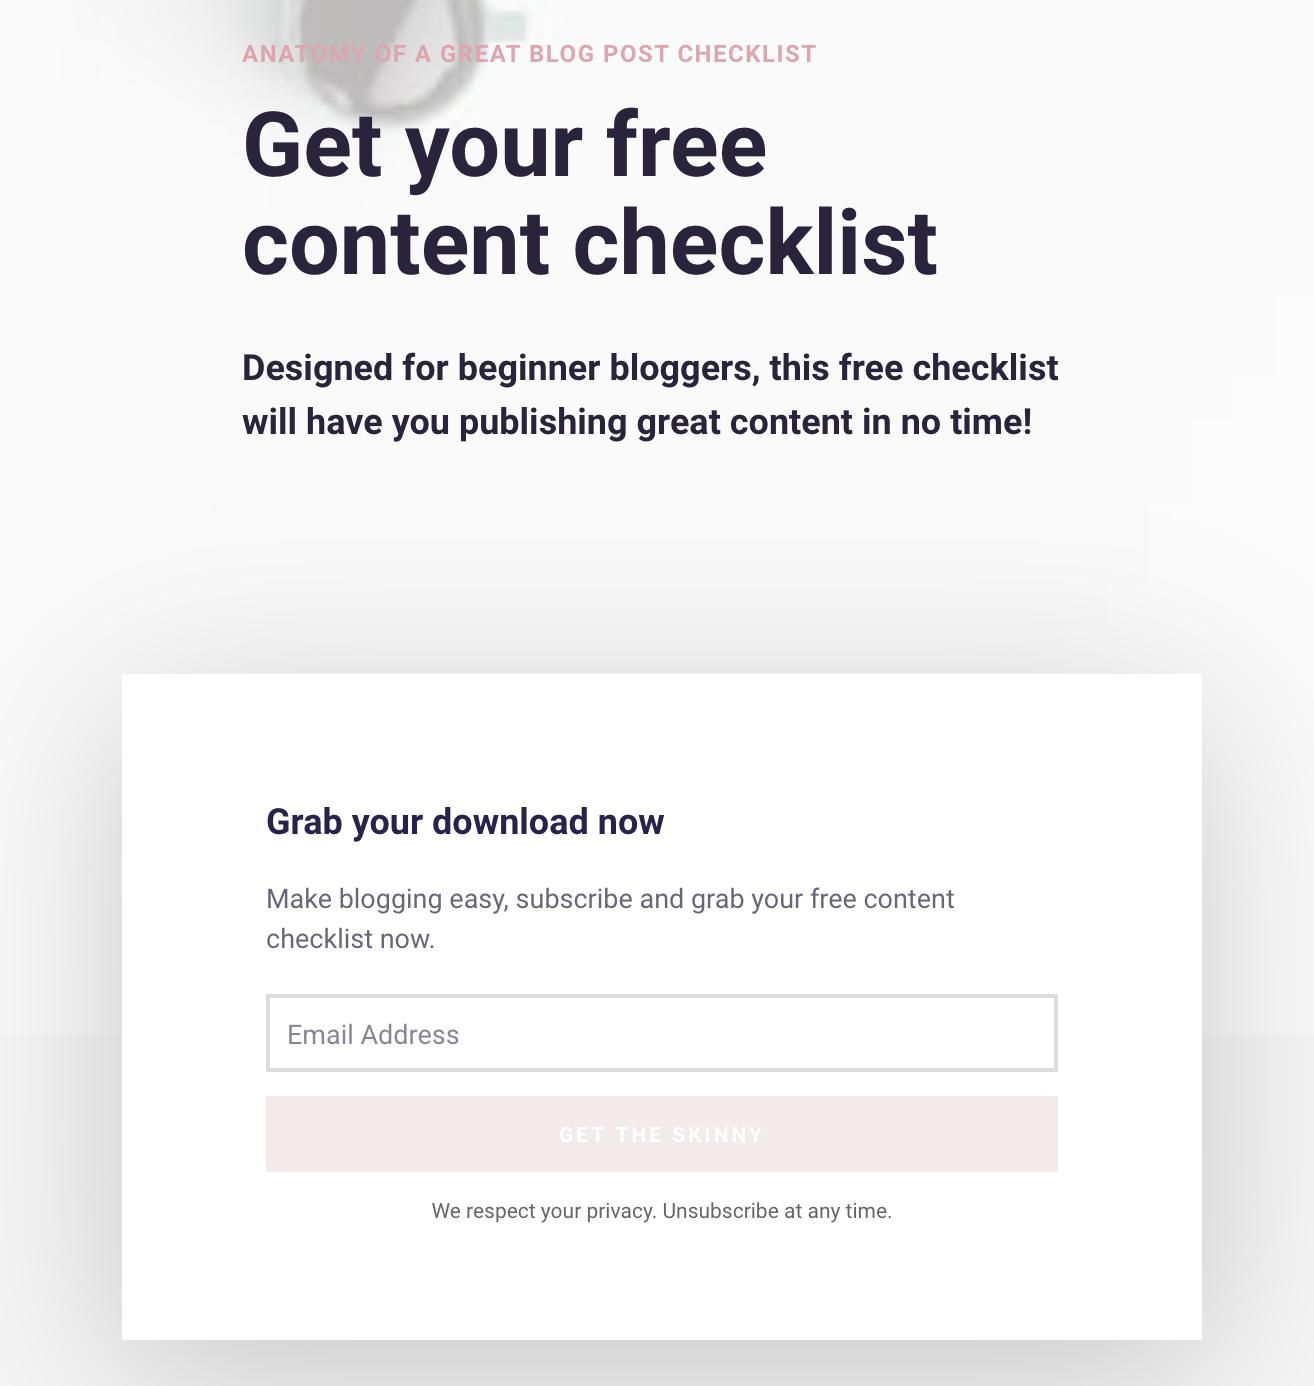 Free content checklist